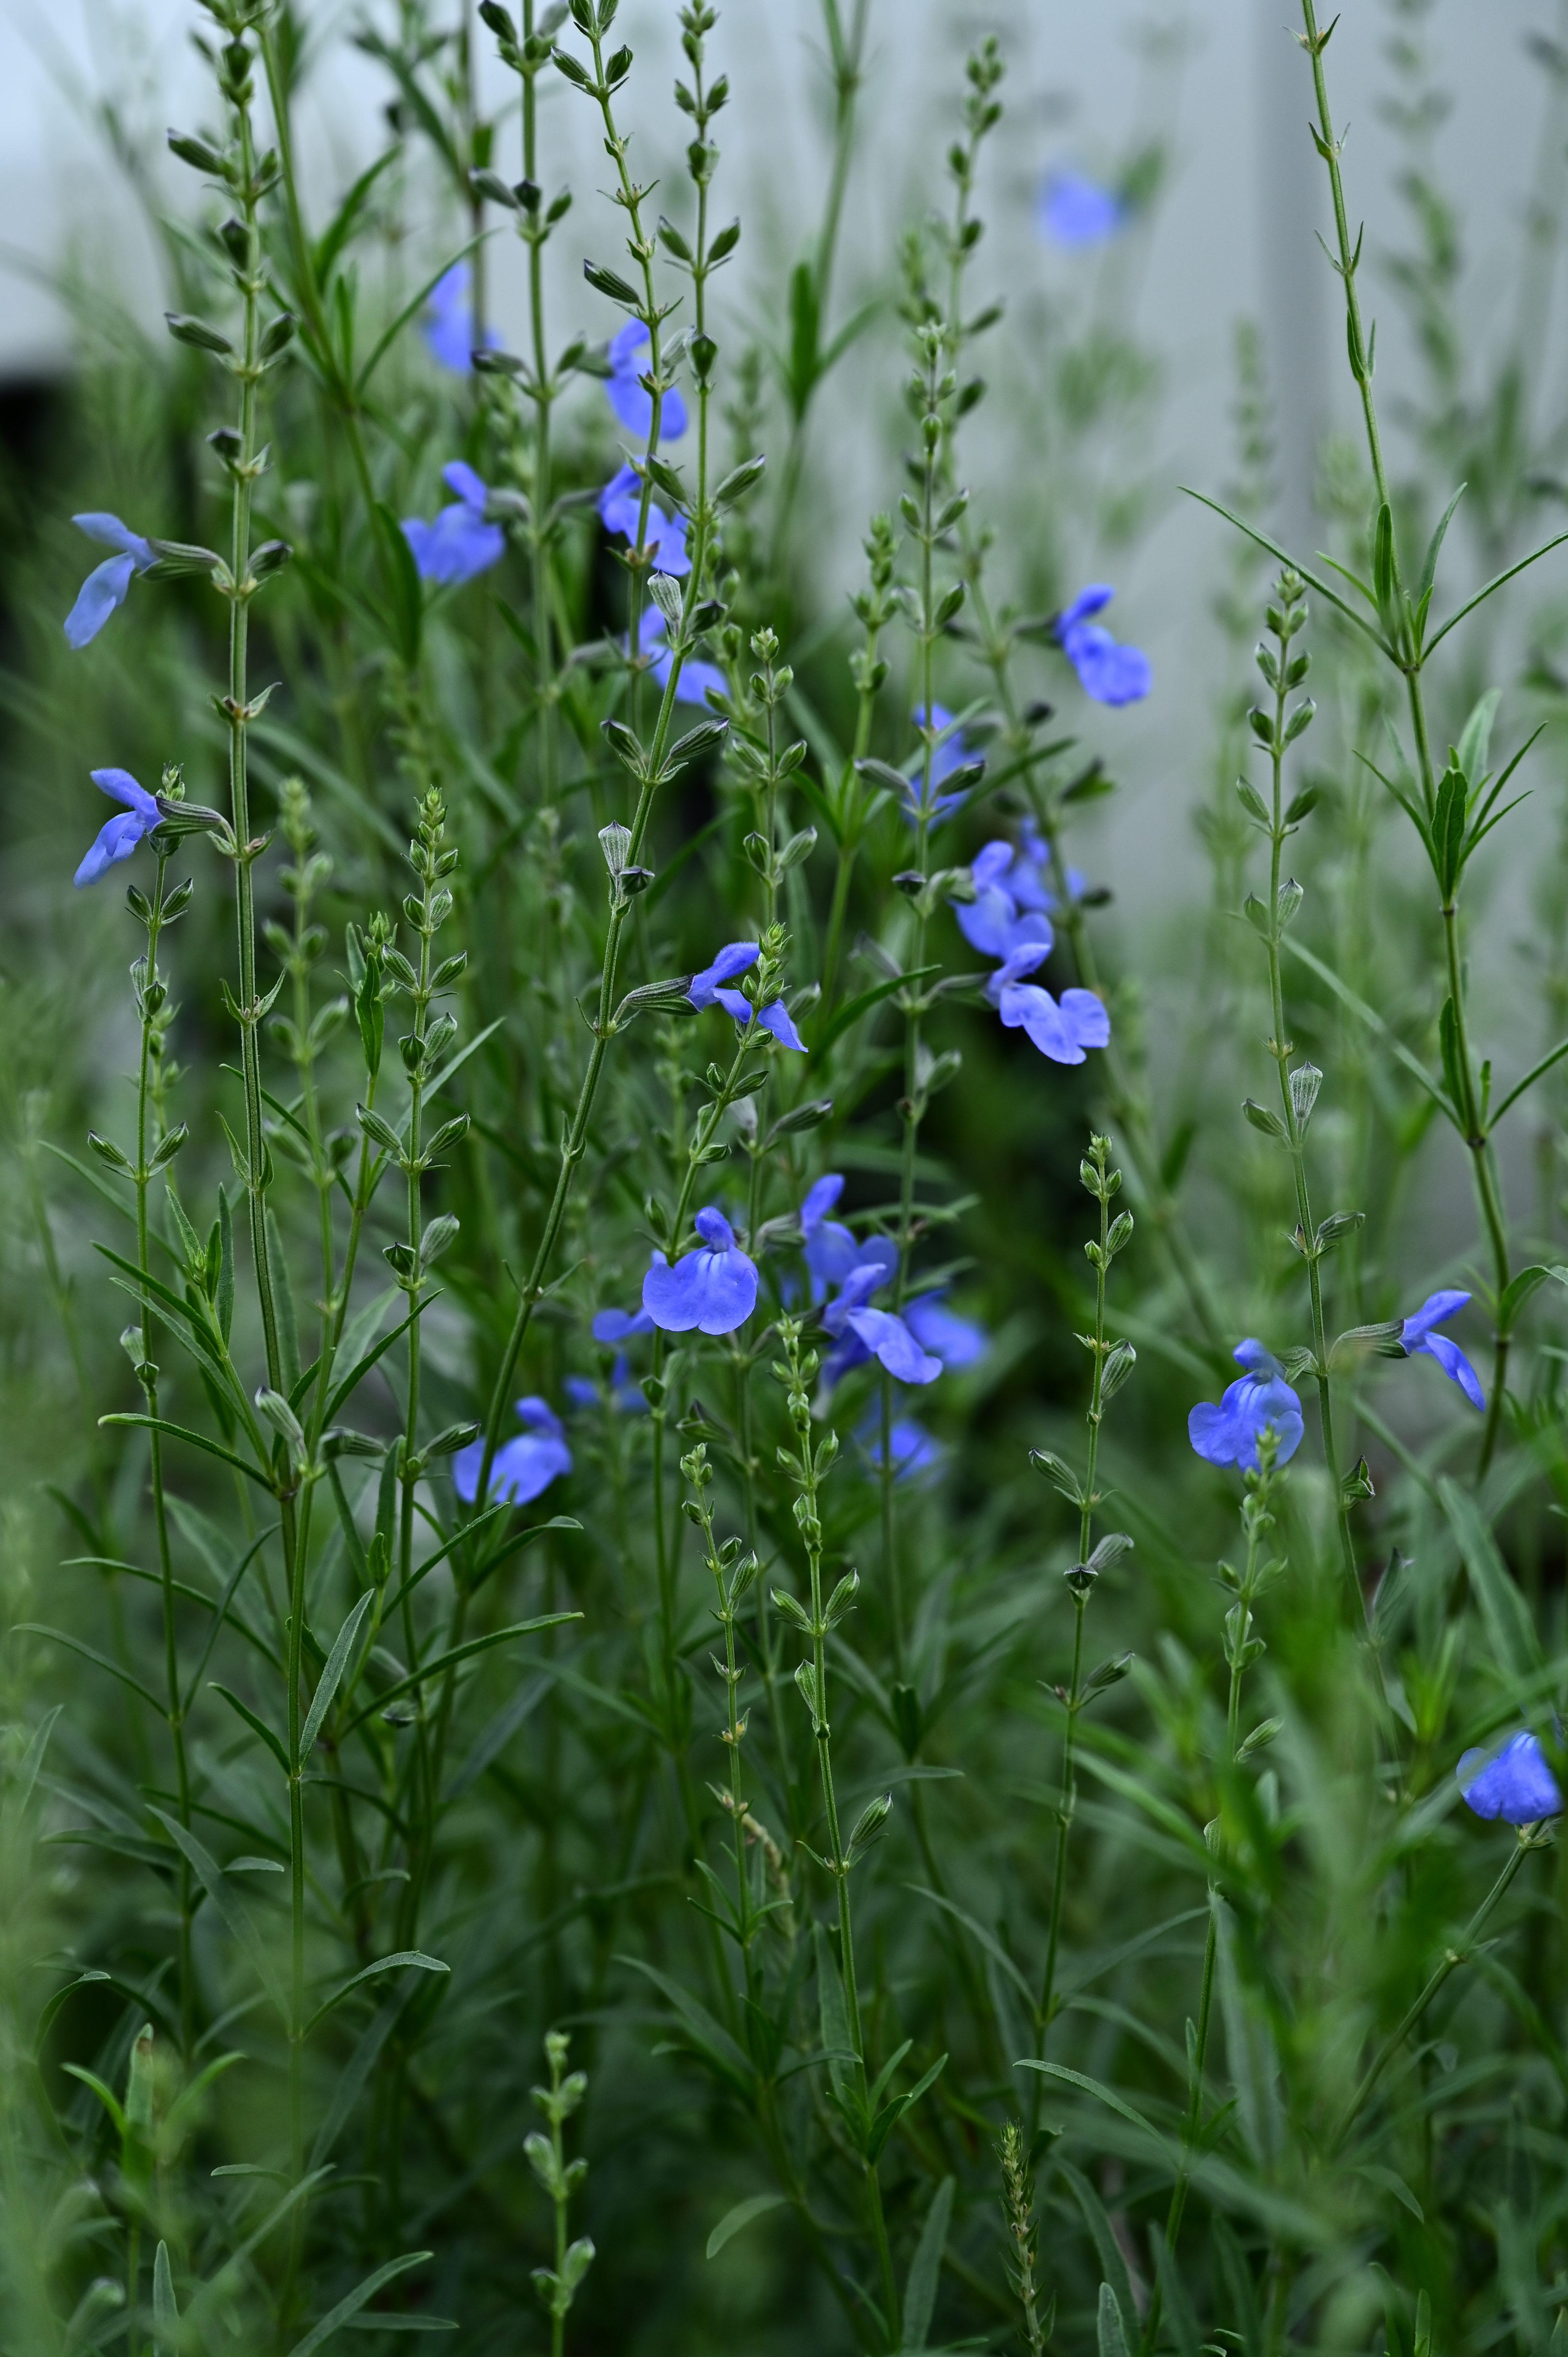 Salvia azurea サルビア アズレア